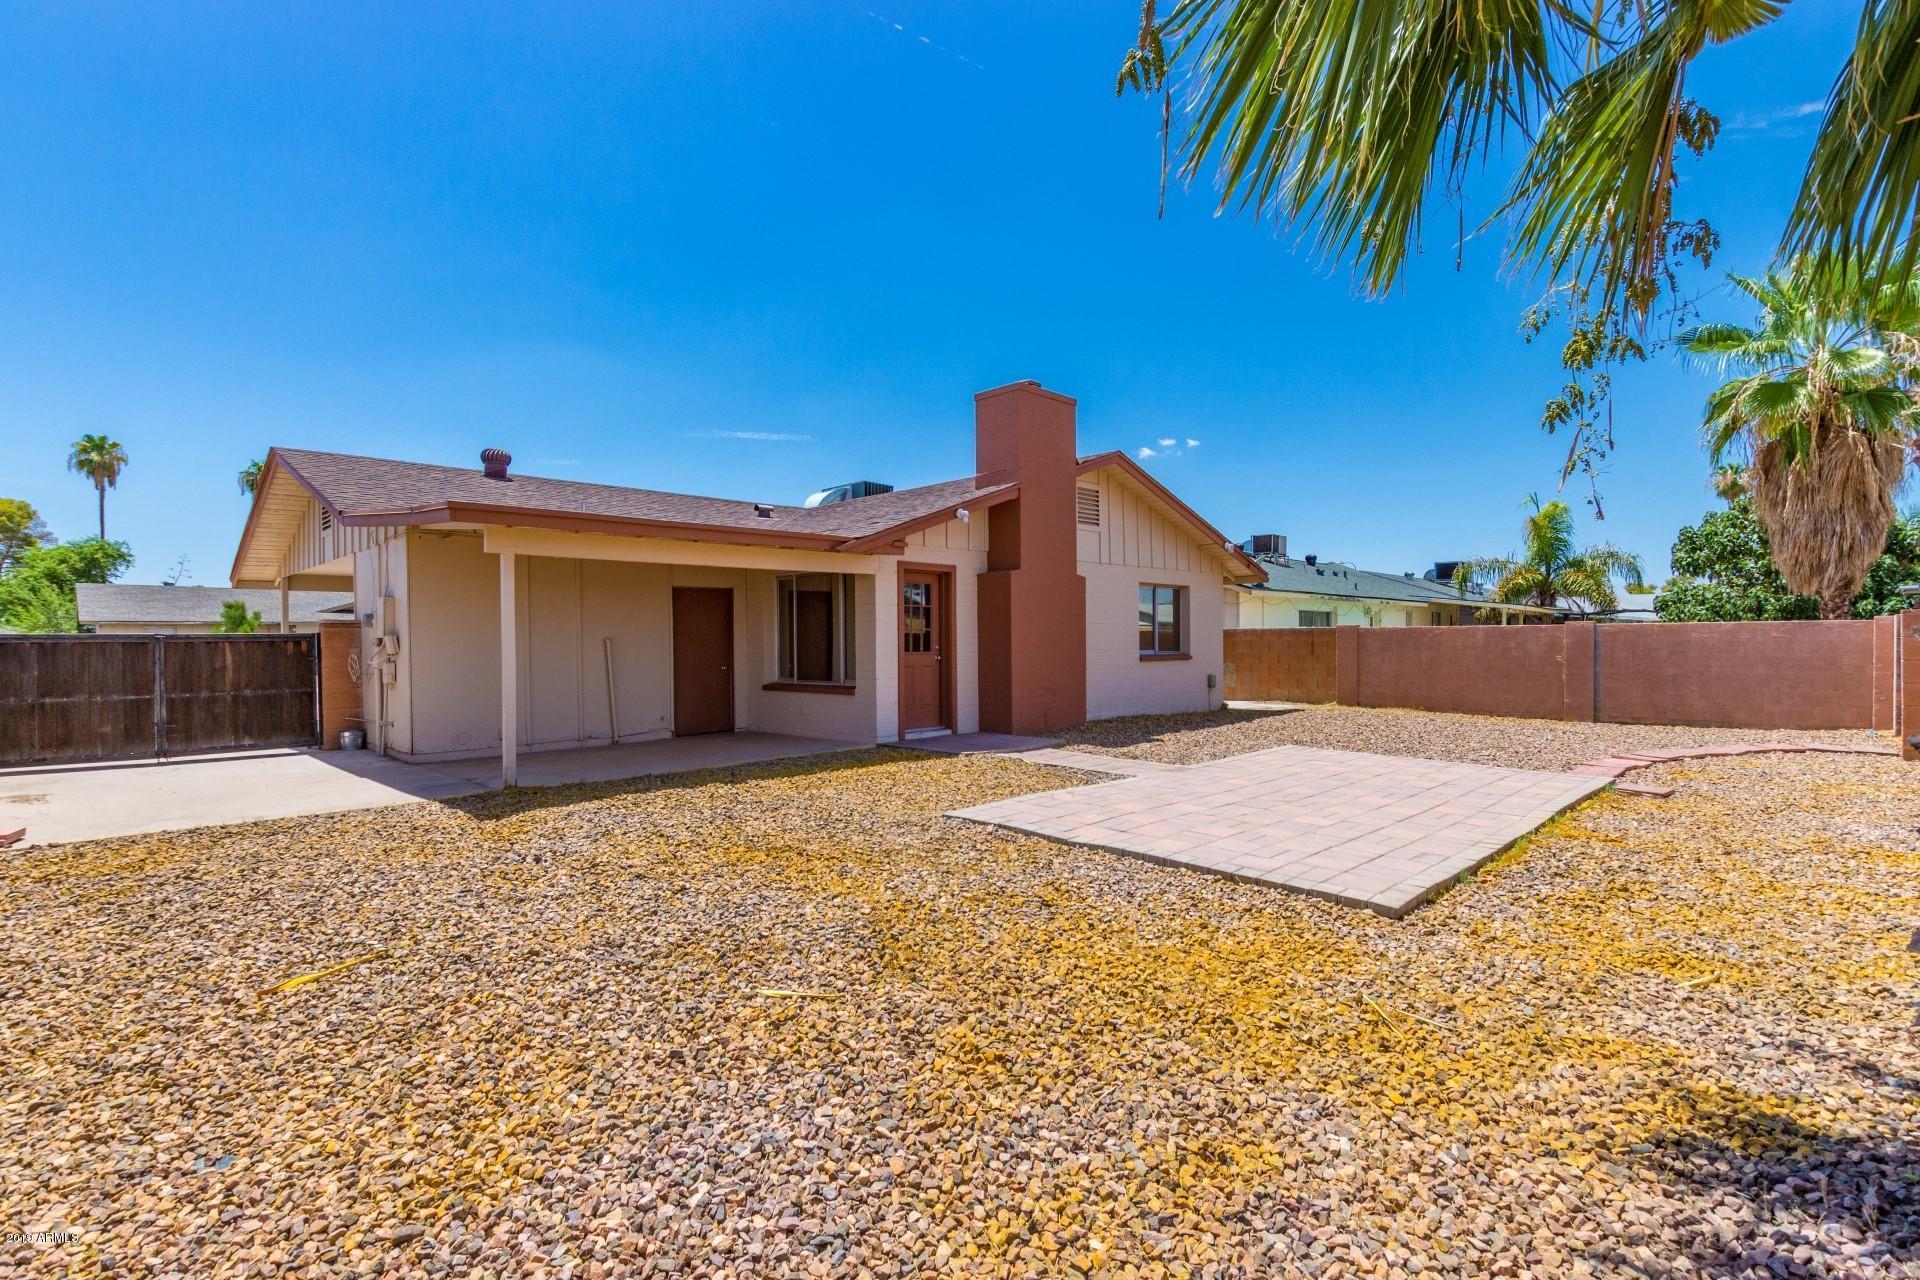 MLS 5962468 1646 E VERLEA Drive, Tempe, AZ 85282 Tempe AZ Hughes Acres